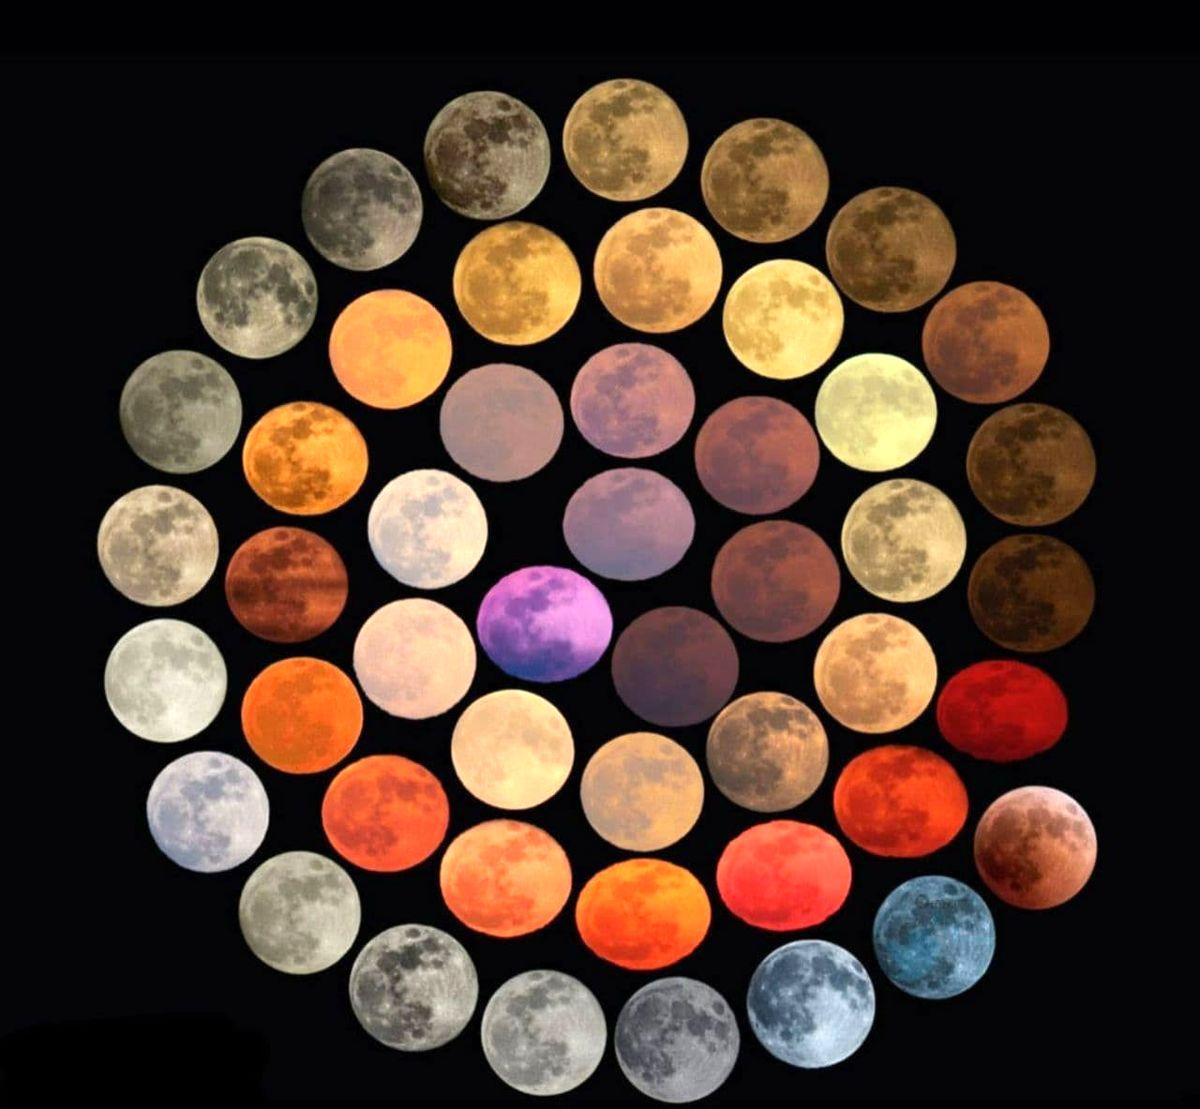 48 رنگ مختلف ثبت شده از ماه در طی 10 سال+عکس جالب